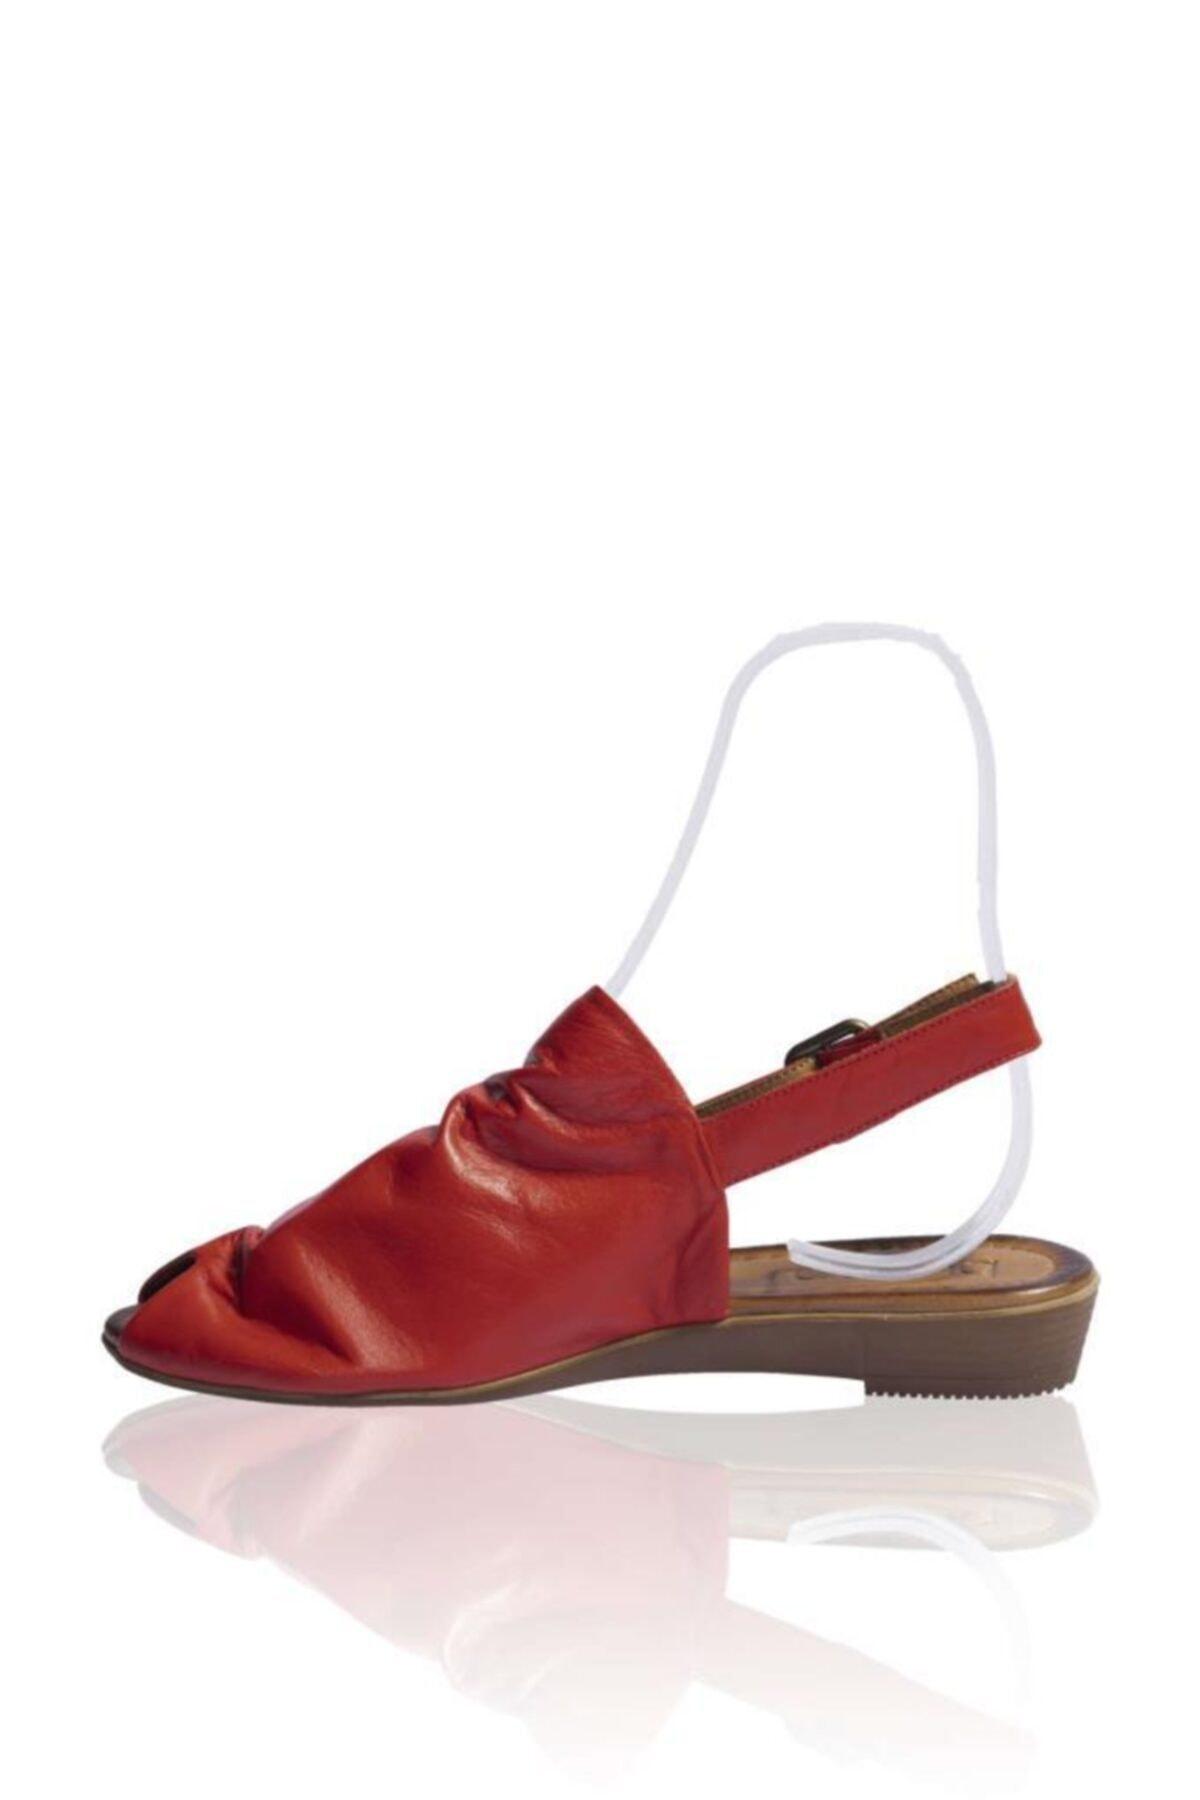 BUENO Shoes Kemerli Hakiki Deri Kadın Düz Sandalet 9n7205 2